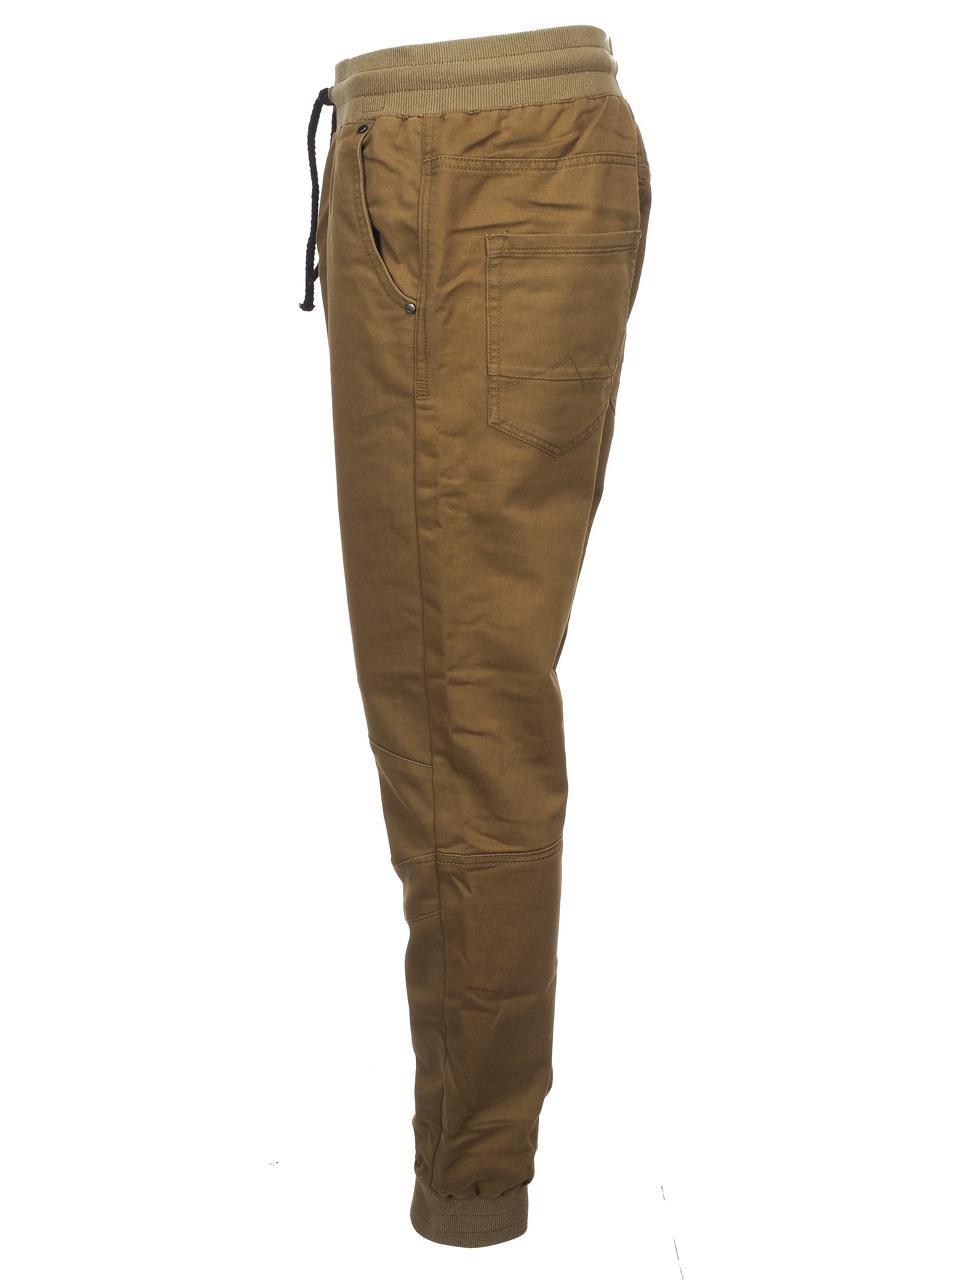 Hose-Jeans-Blend-Jogg-Jeans-32-Burnt-Olive-Brown-59093-Neu Indexbild 2